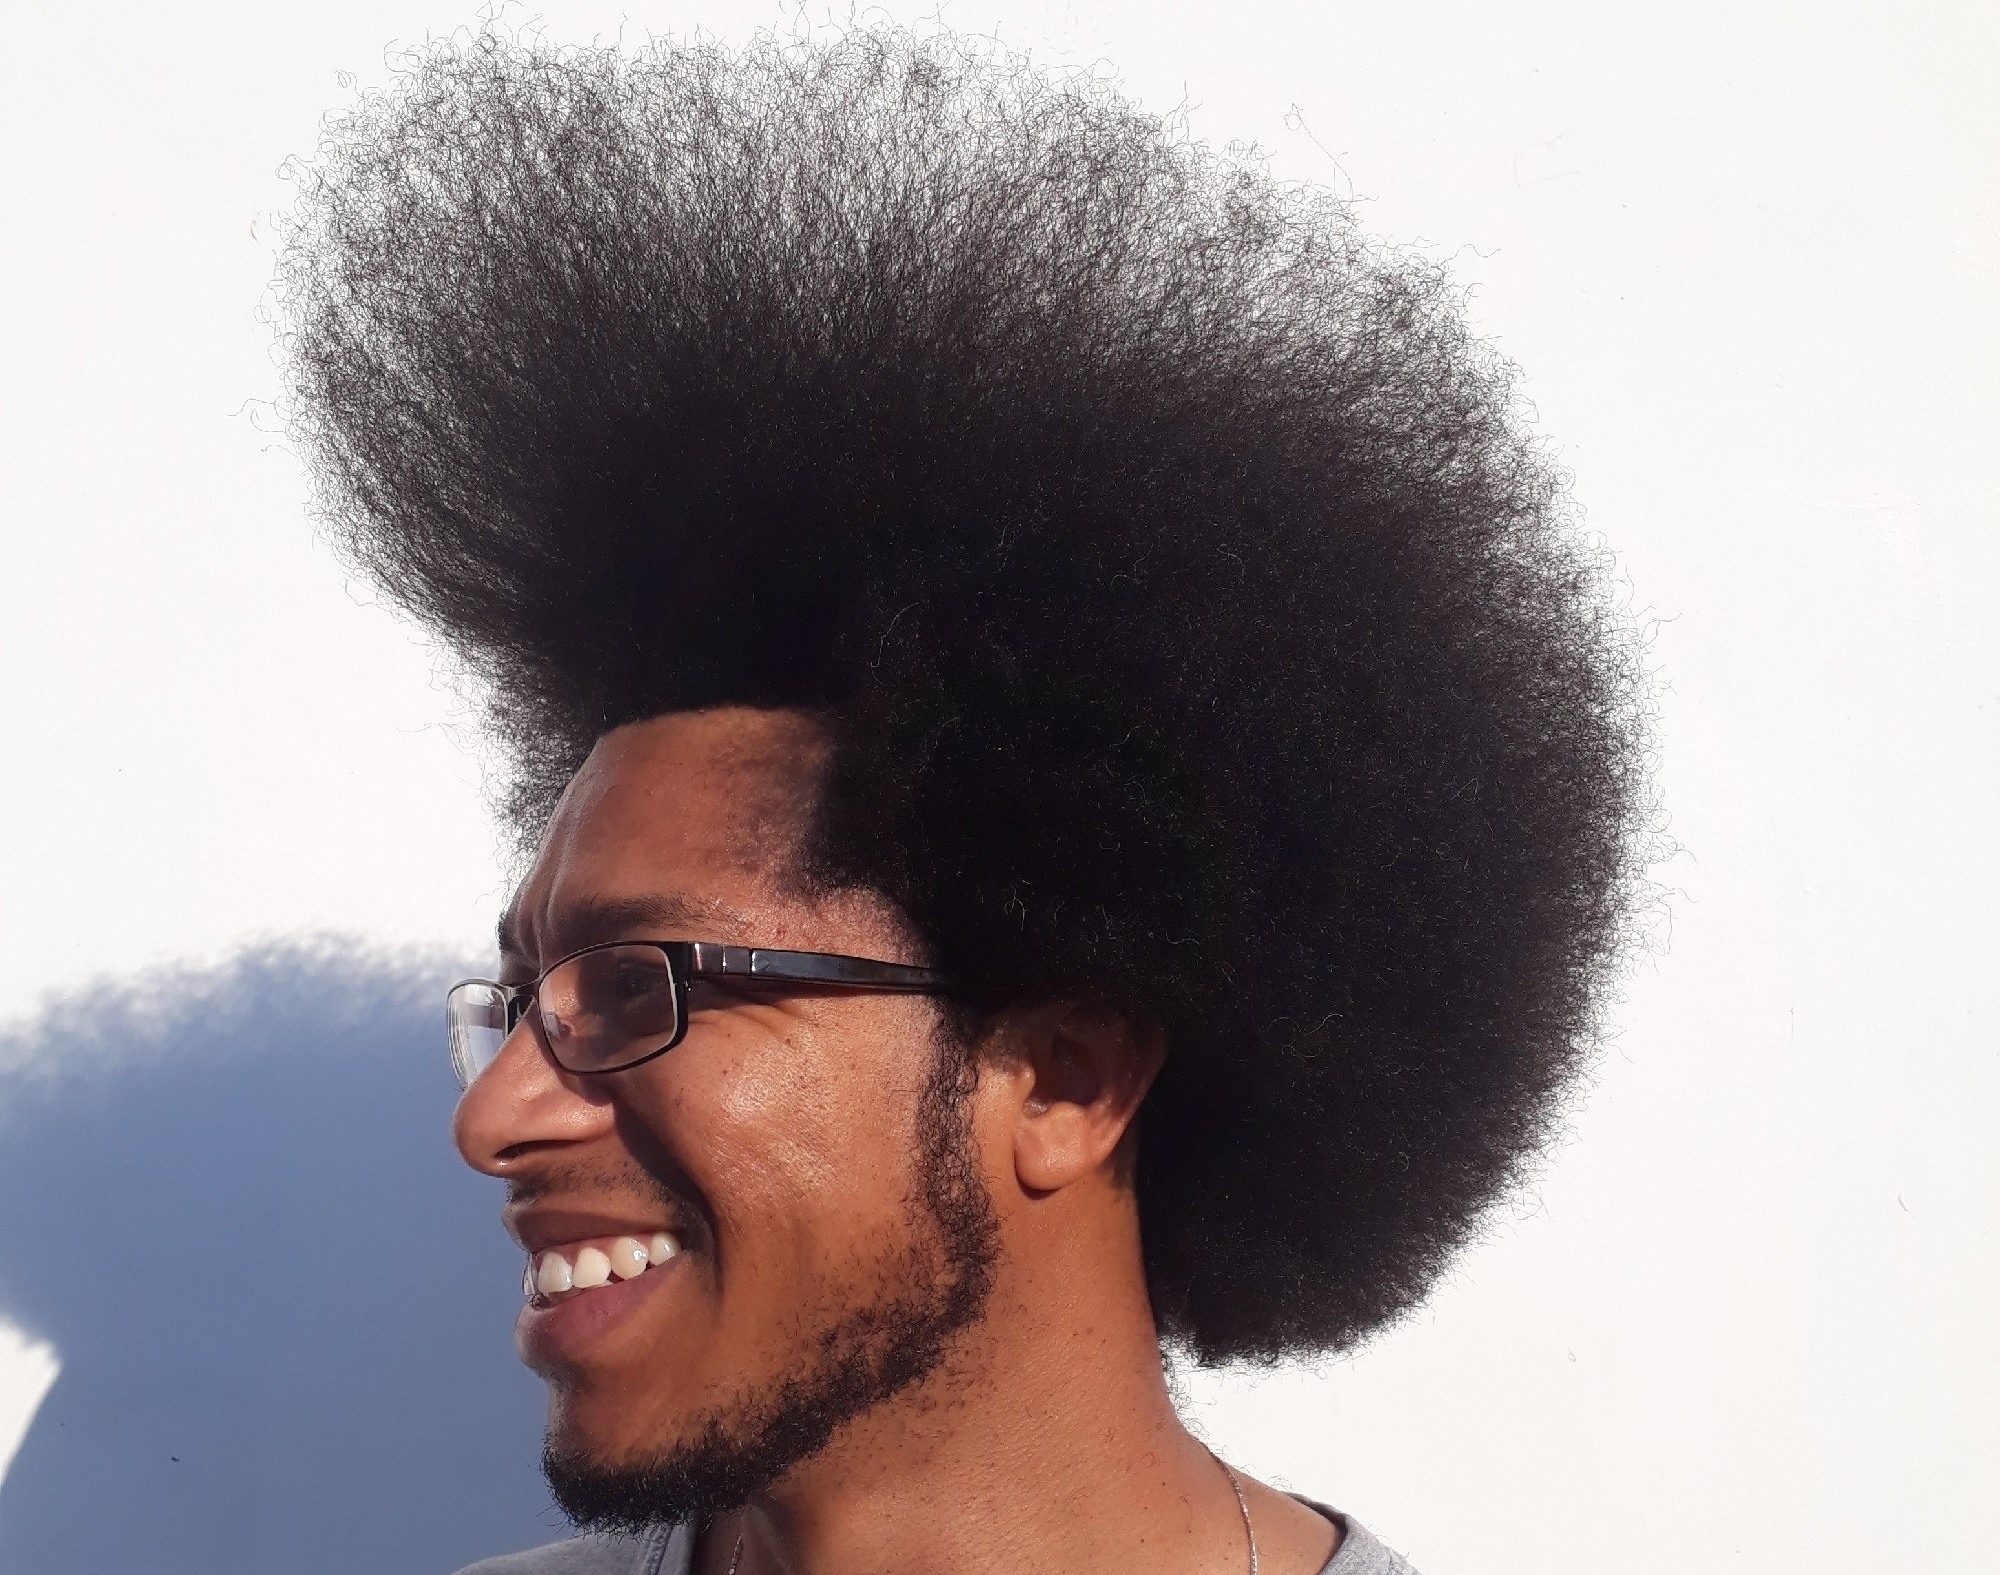 Saiba Como Pentear Cabelo Crespo Masculino All Things Hair